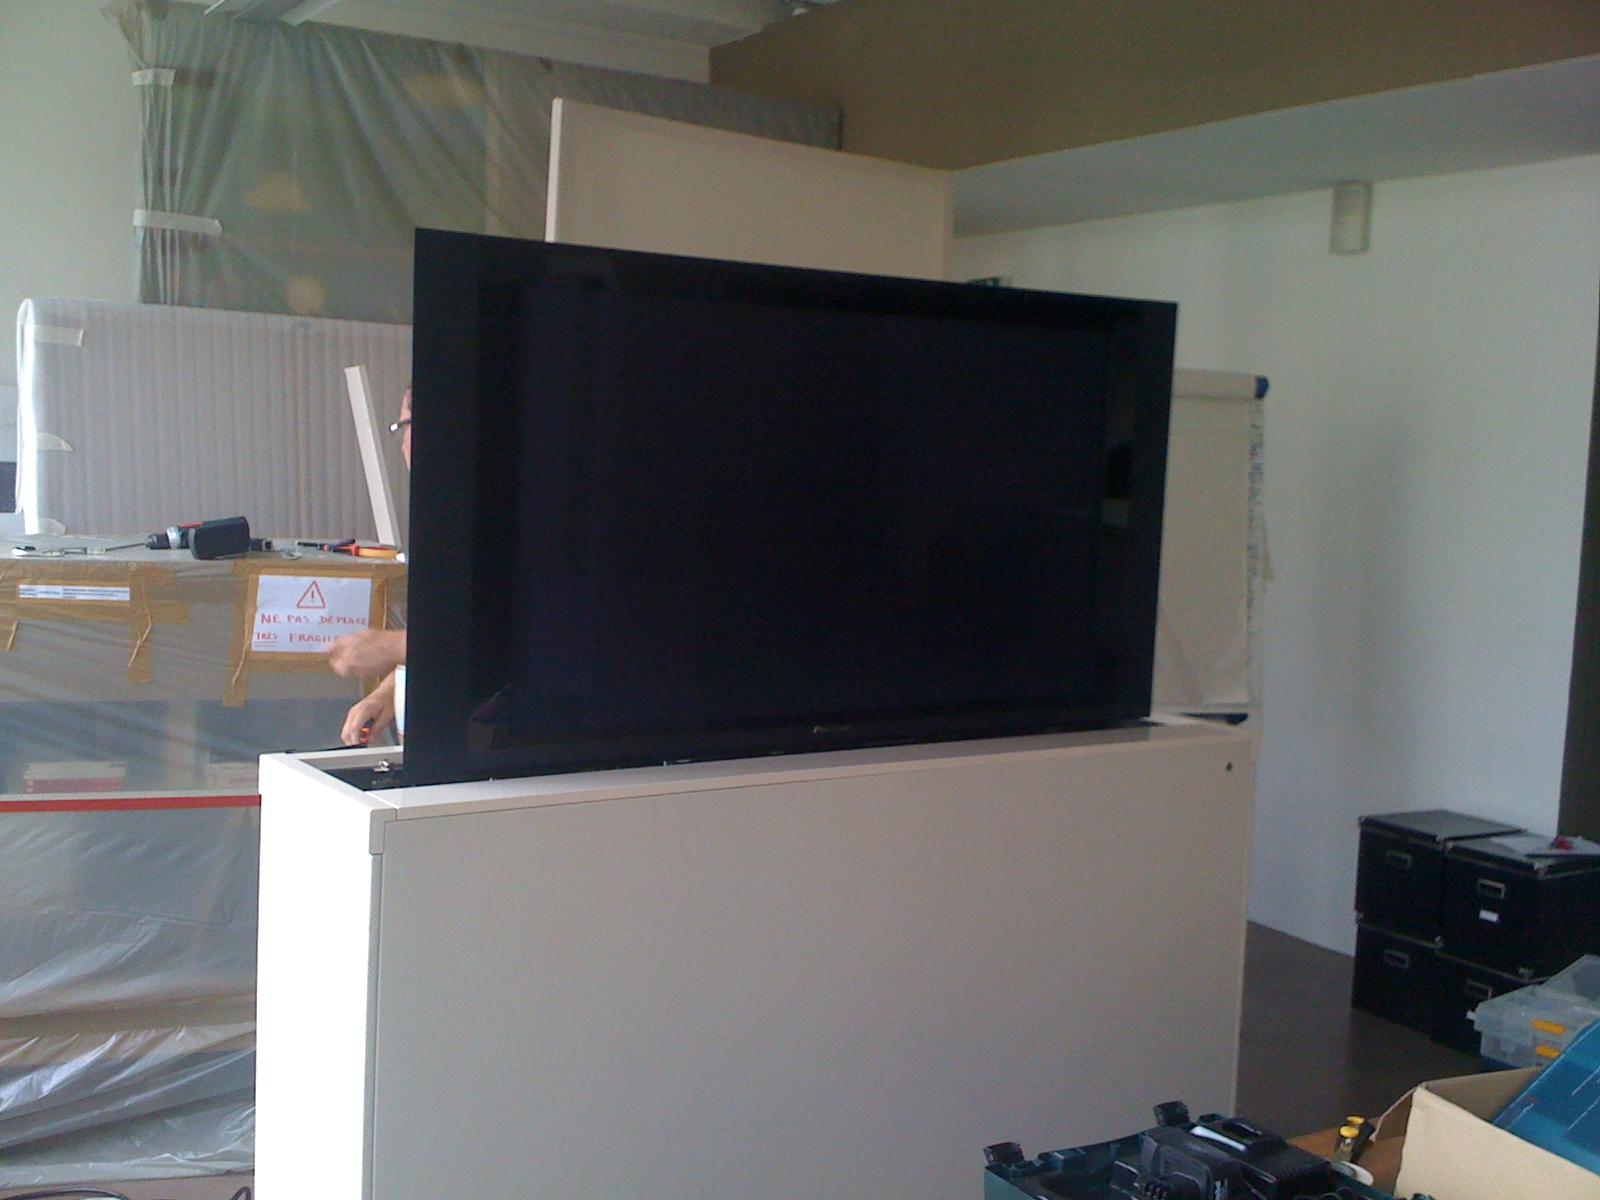 meuble tv qui monte et descend mobilier design d coration d 39 int rieur. Black Bedroom Furniture Sets. Home Design Ideas